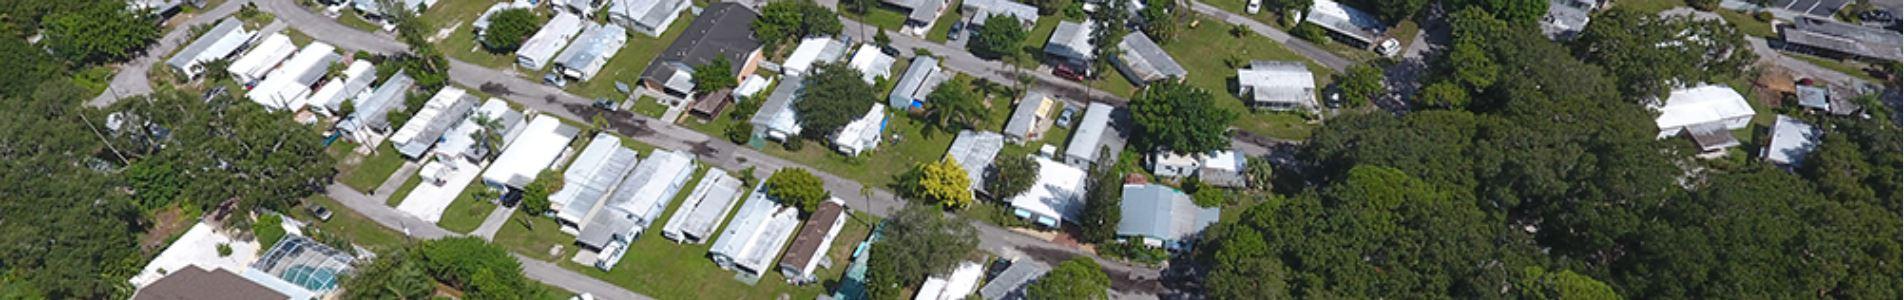 Pine Ridge Park, Sarasota, FL